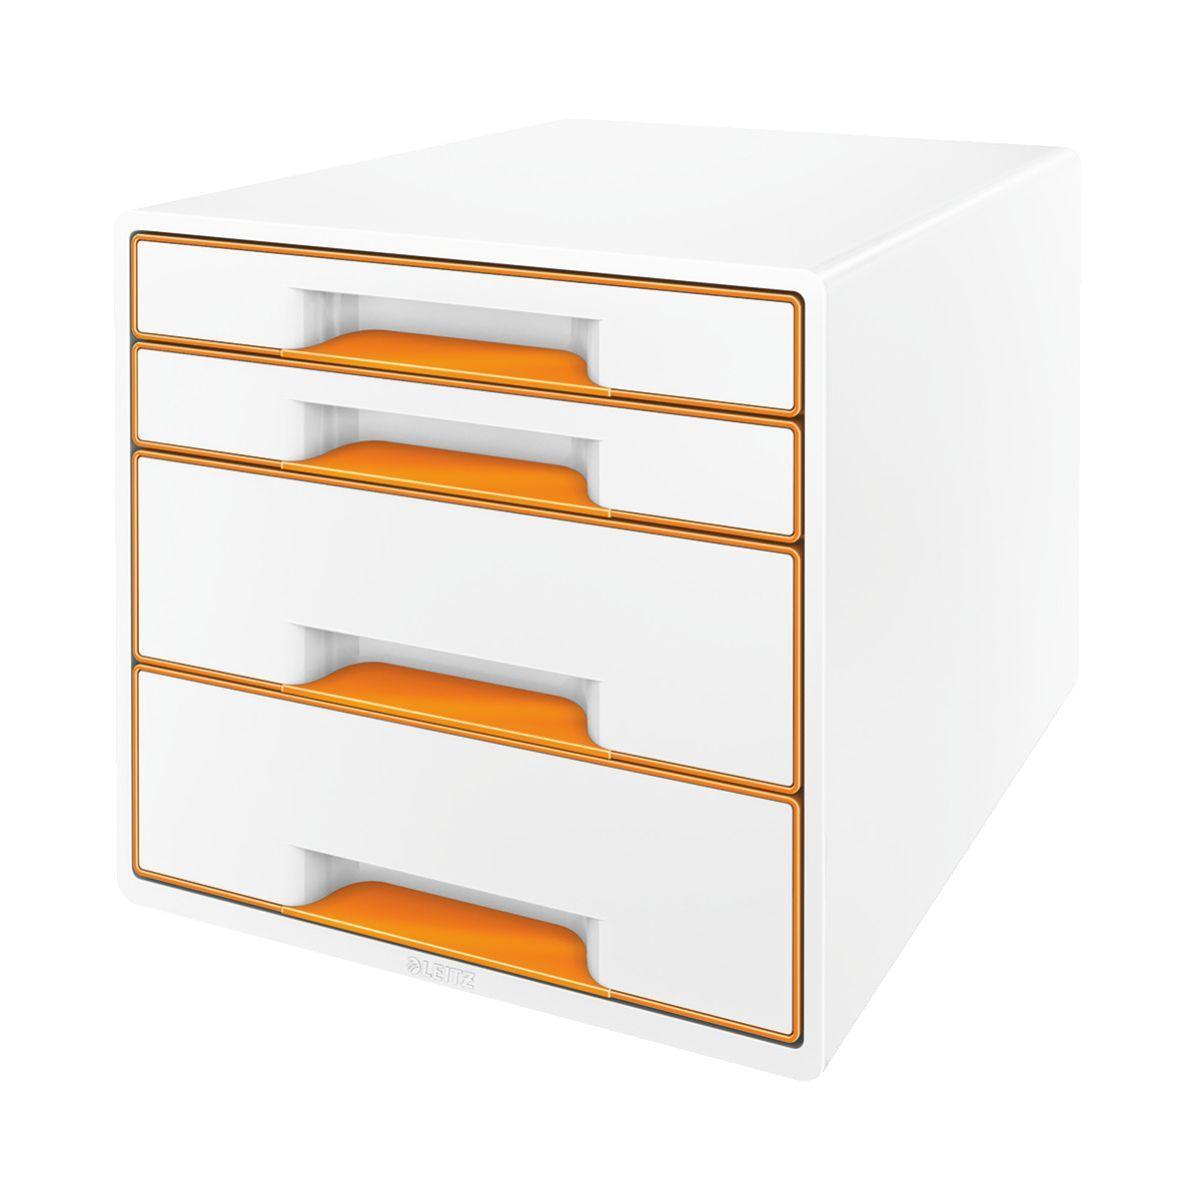 Bloc tiroir leitz bloc de classement tiroirs wow orange - 5% de remise imm�diate avec le code : automne5 (photo)